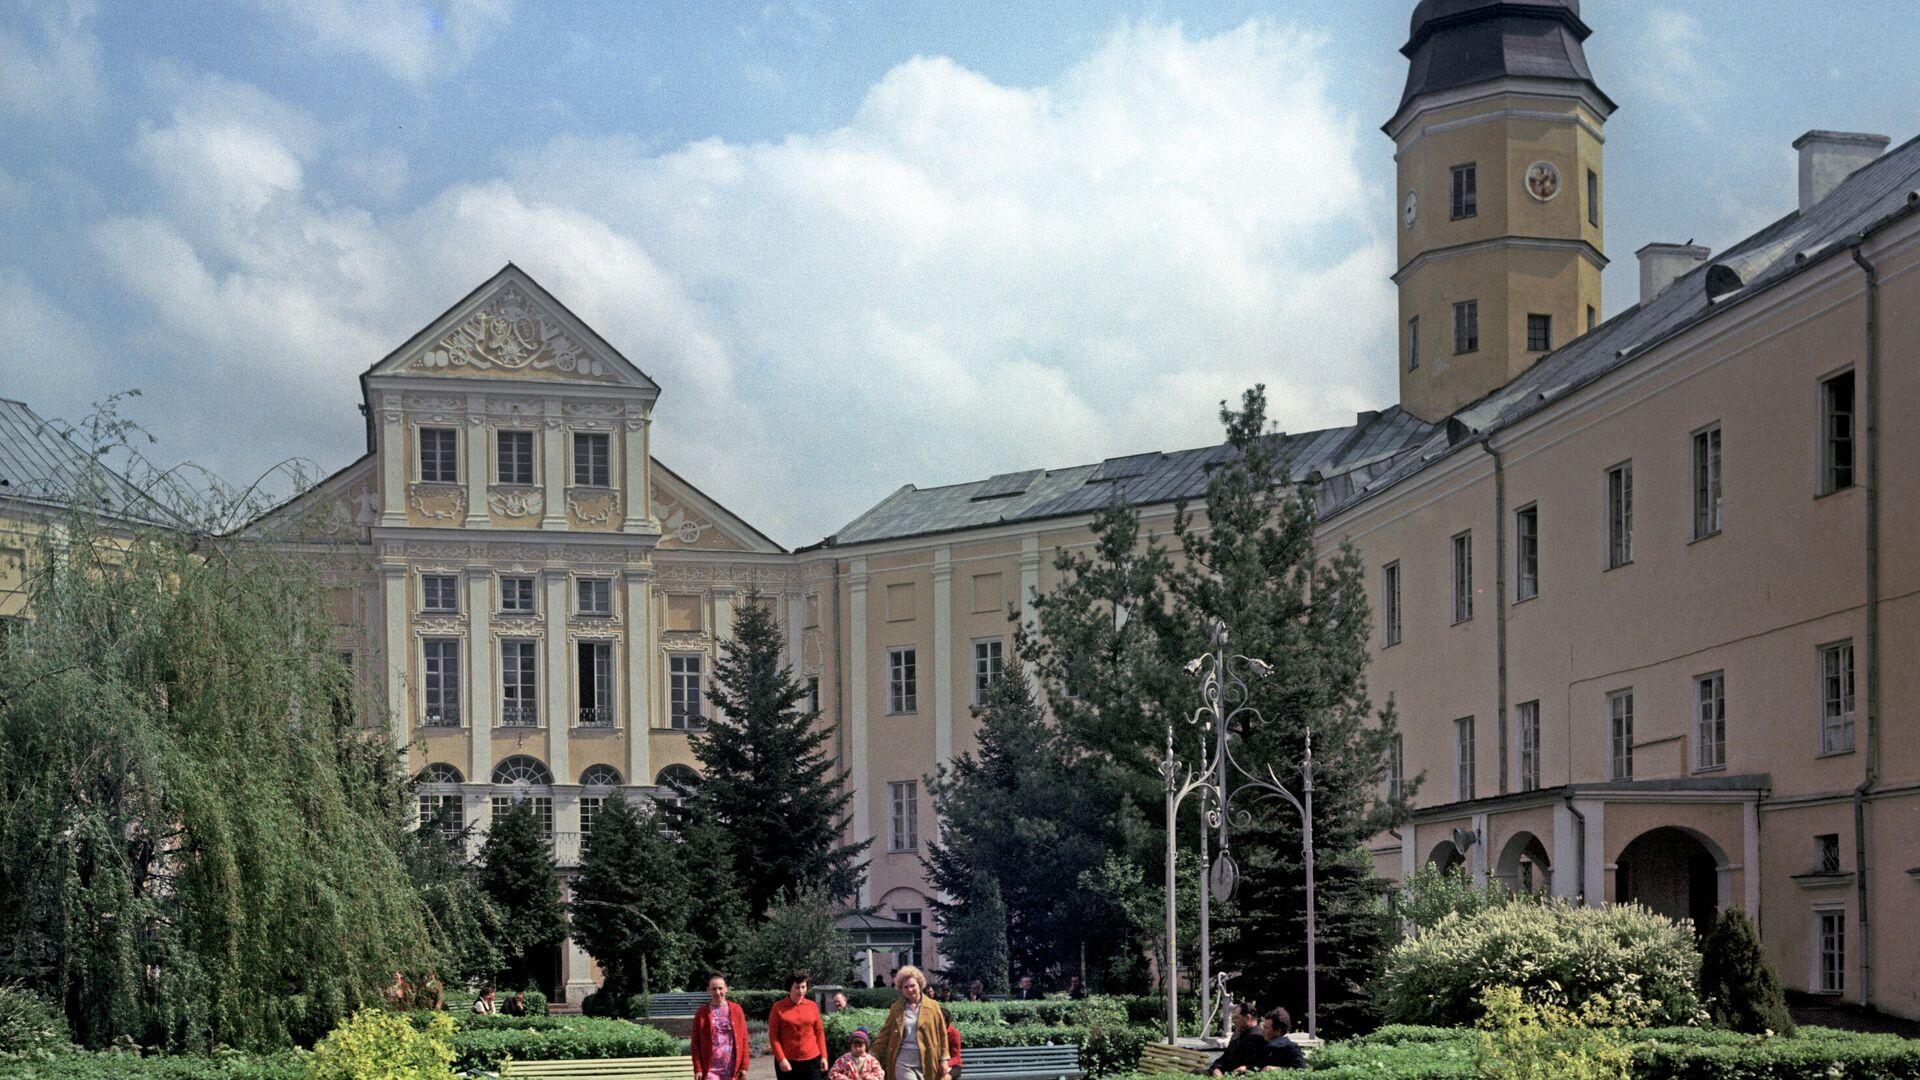 Њасвишки замак у Белорусији - Sputnik Србија, 1920, 13.09.2021